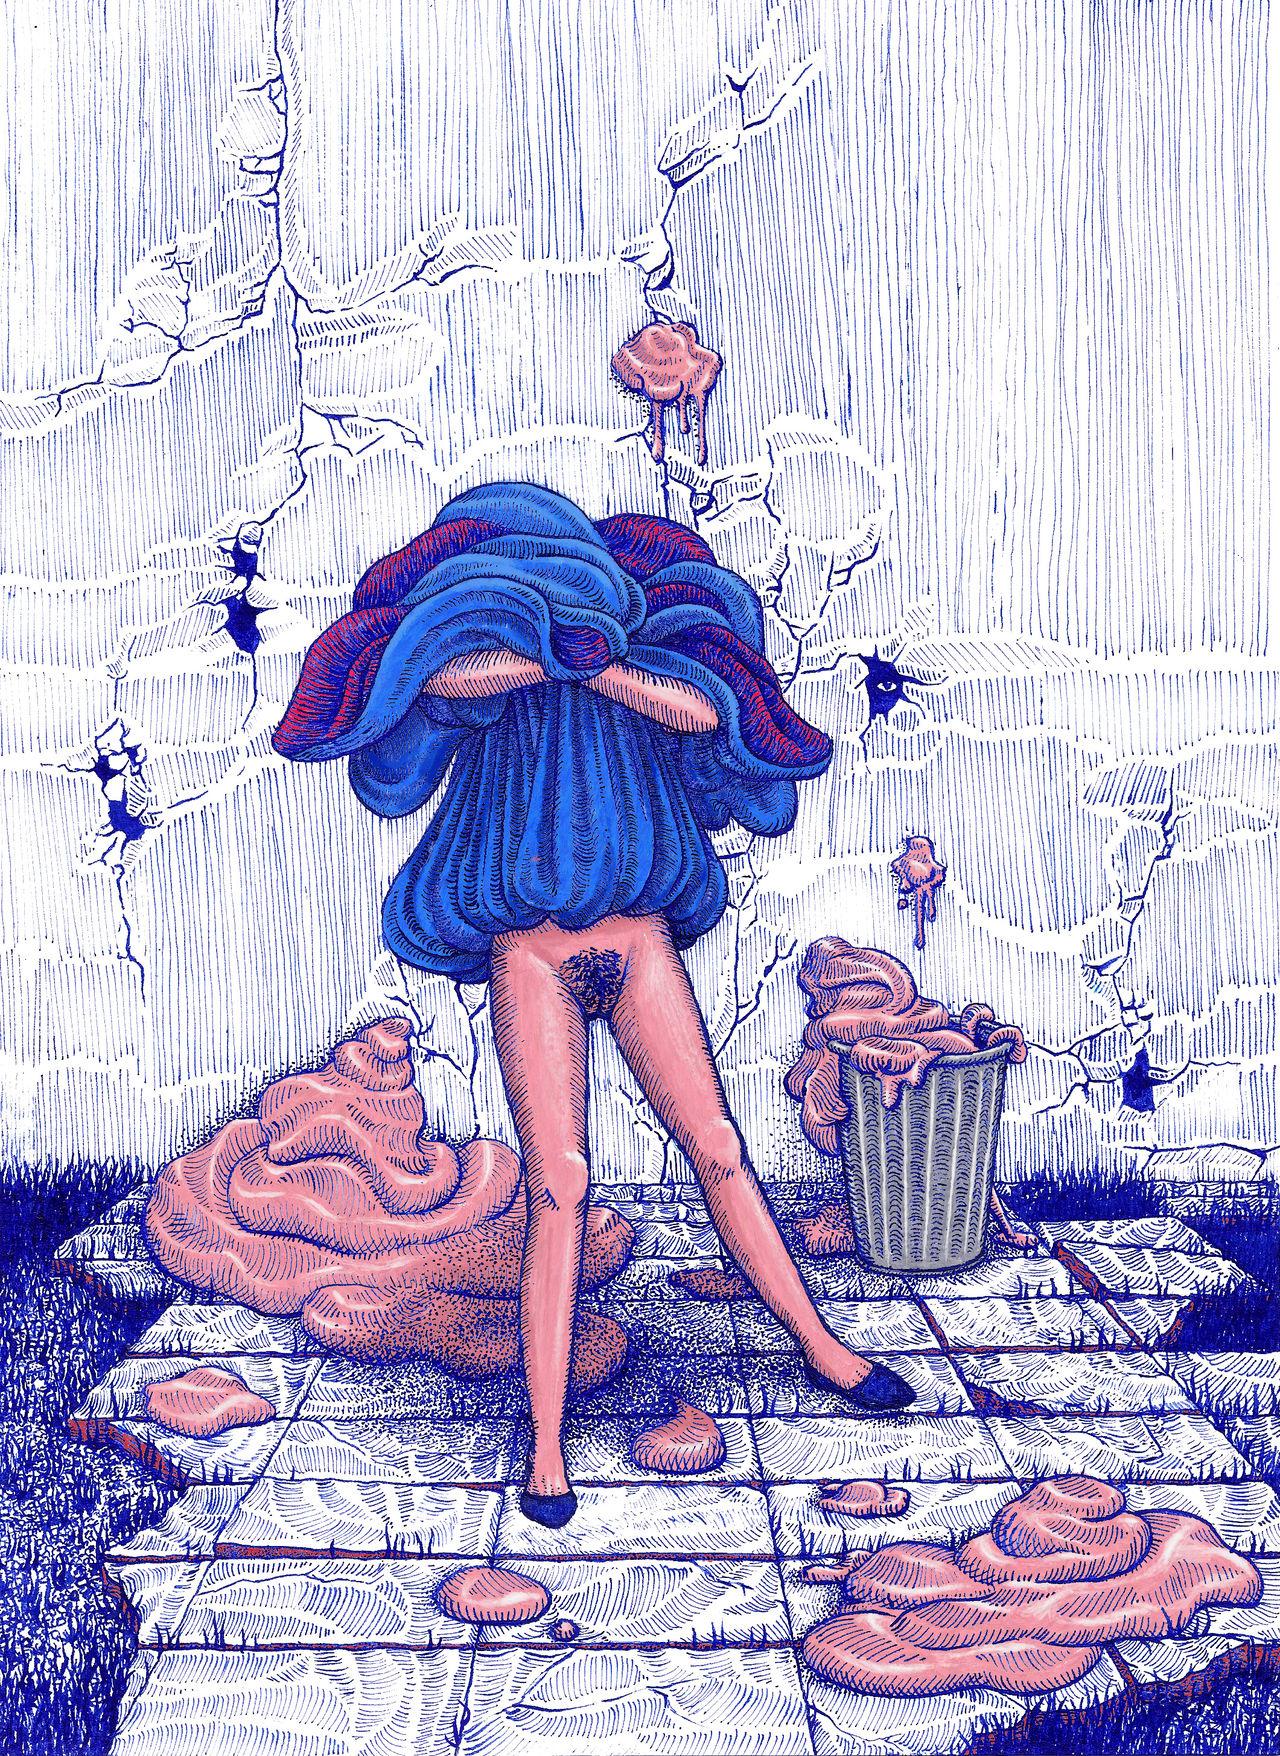 blue, 2019